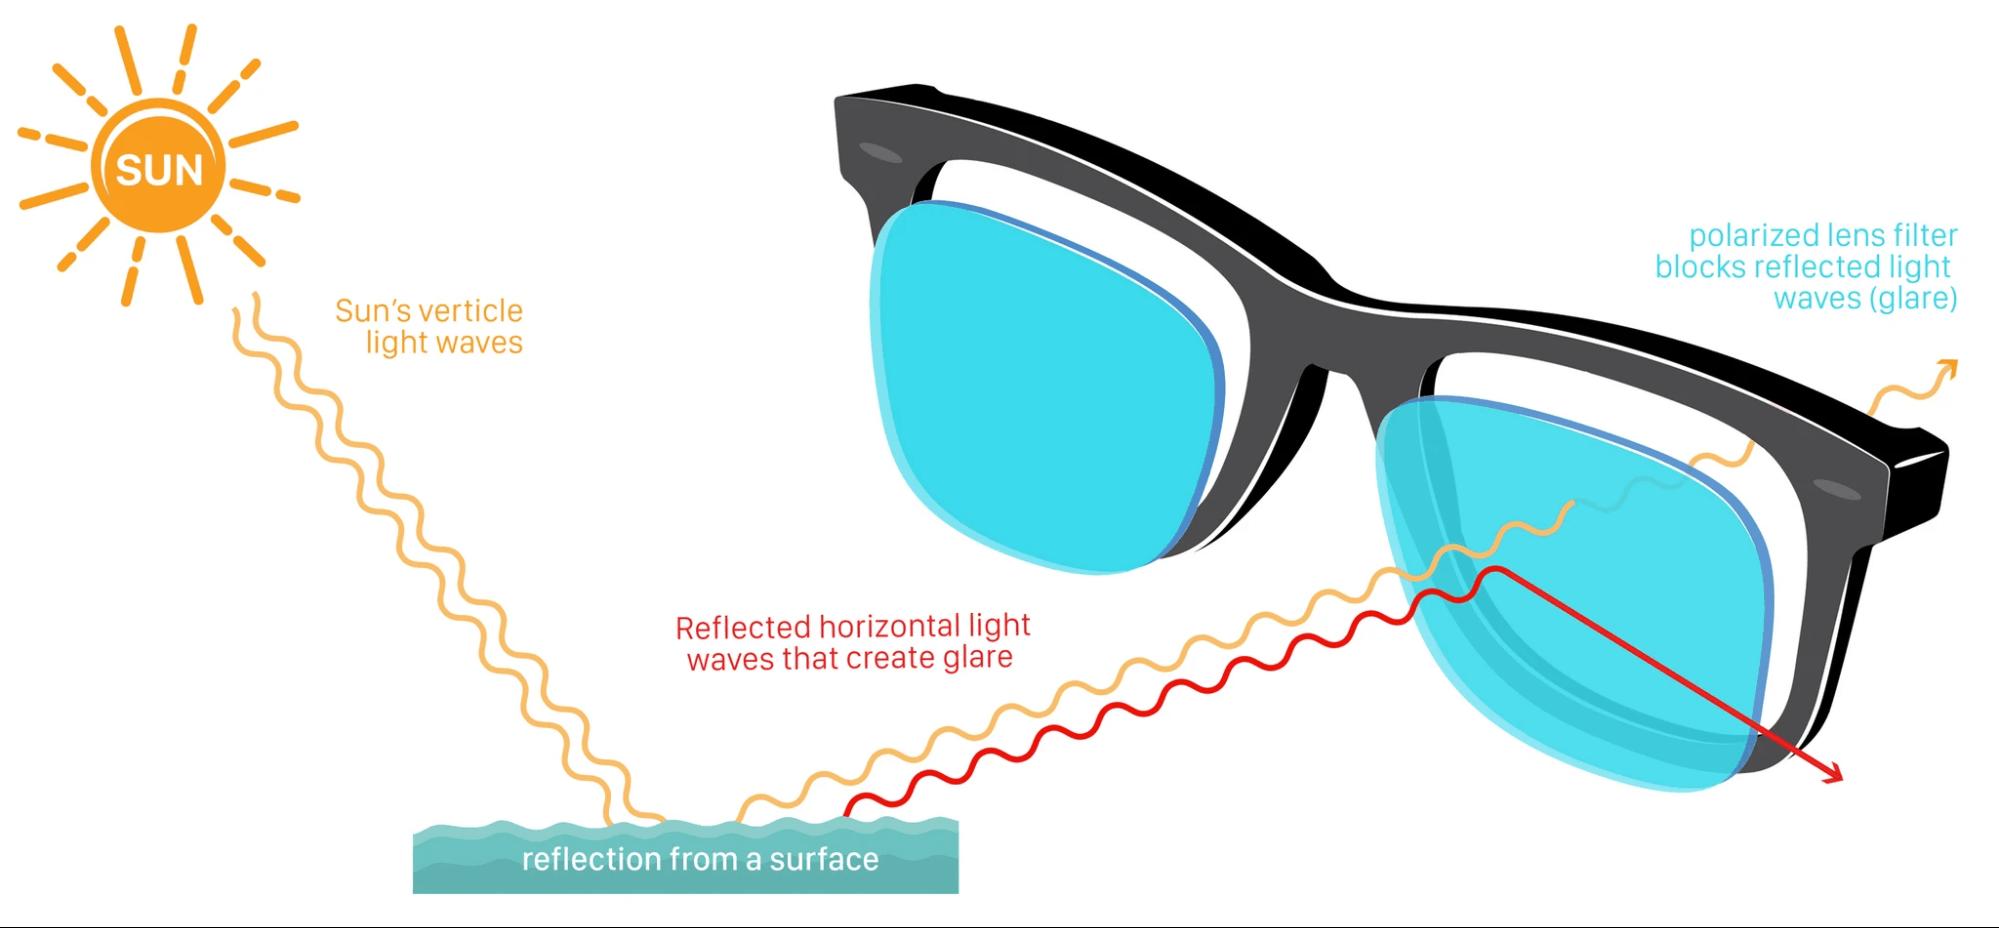 polarized lenses reduce glare while fishing